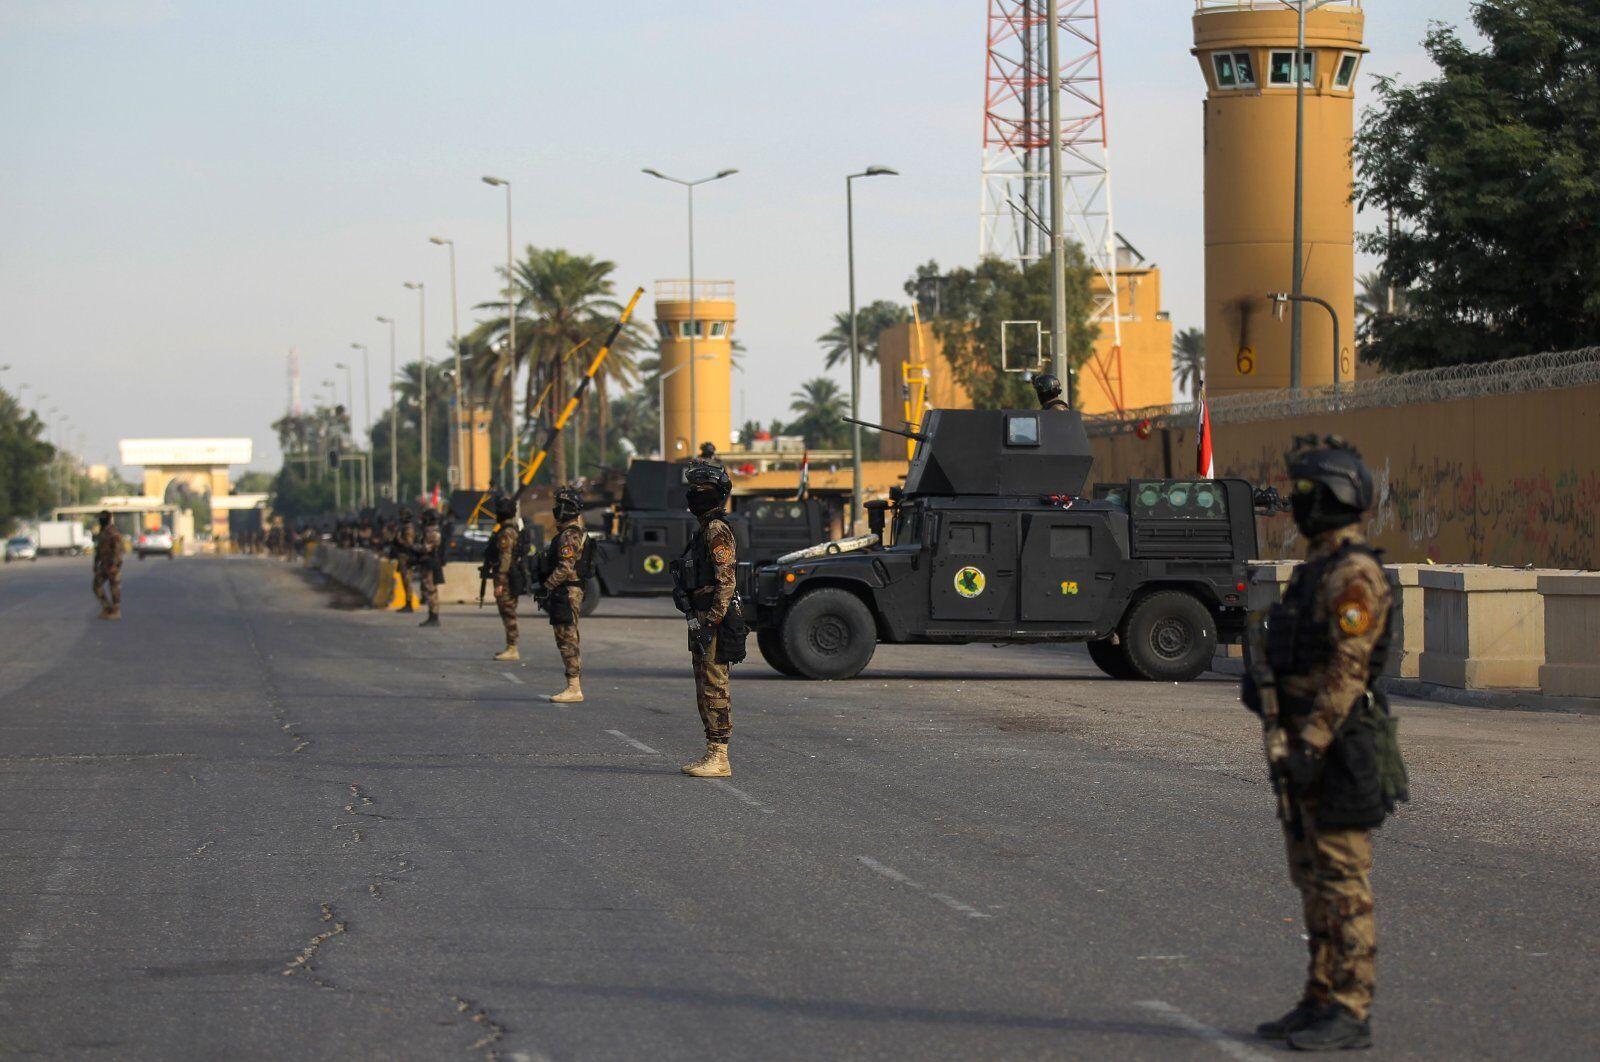 一天之内 伊拉克发生3起针对西方目标的袭击